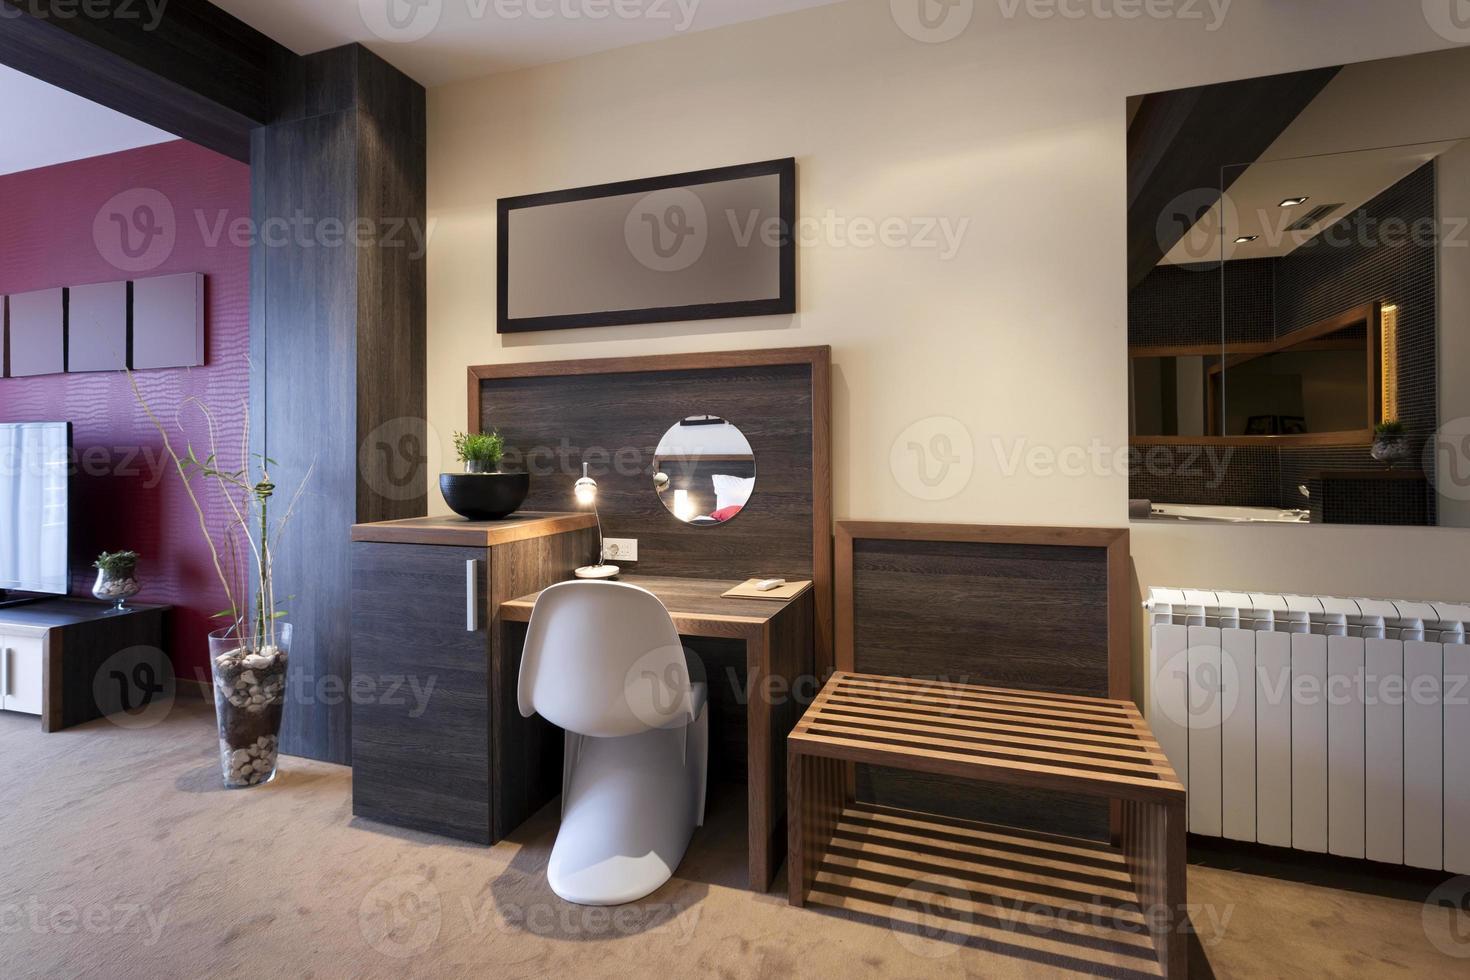 bureau et chaise à l'intérieur de la chambre d'hôtel de luxe photo